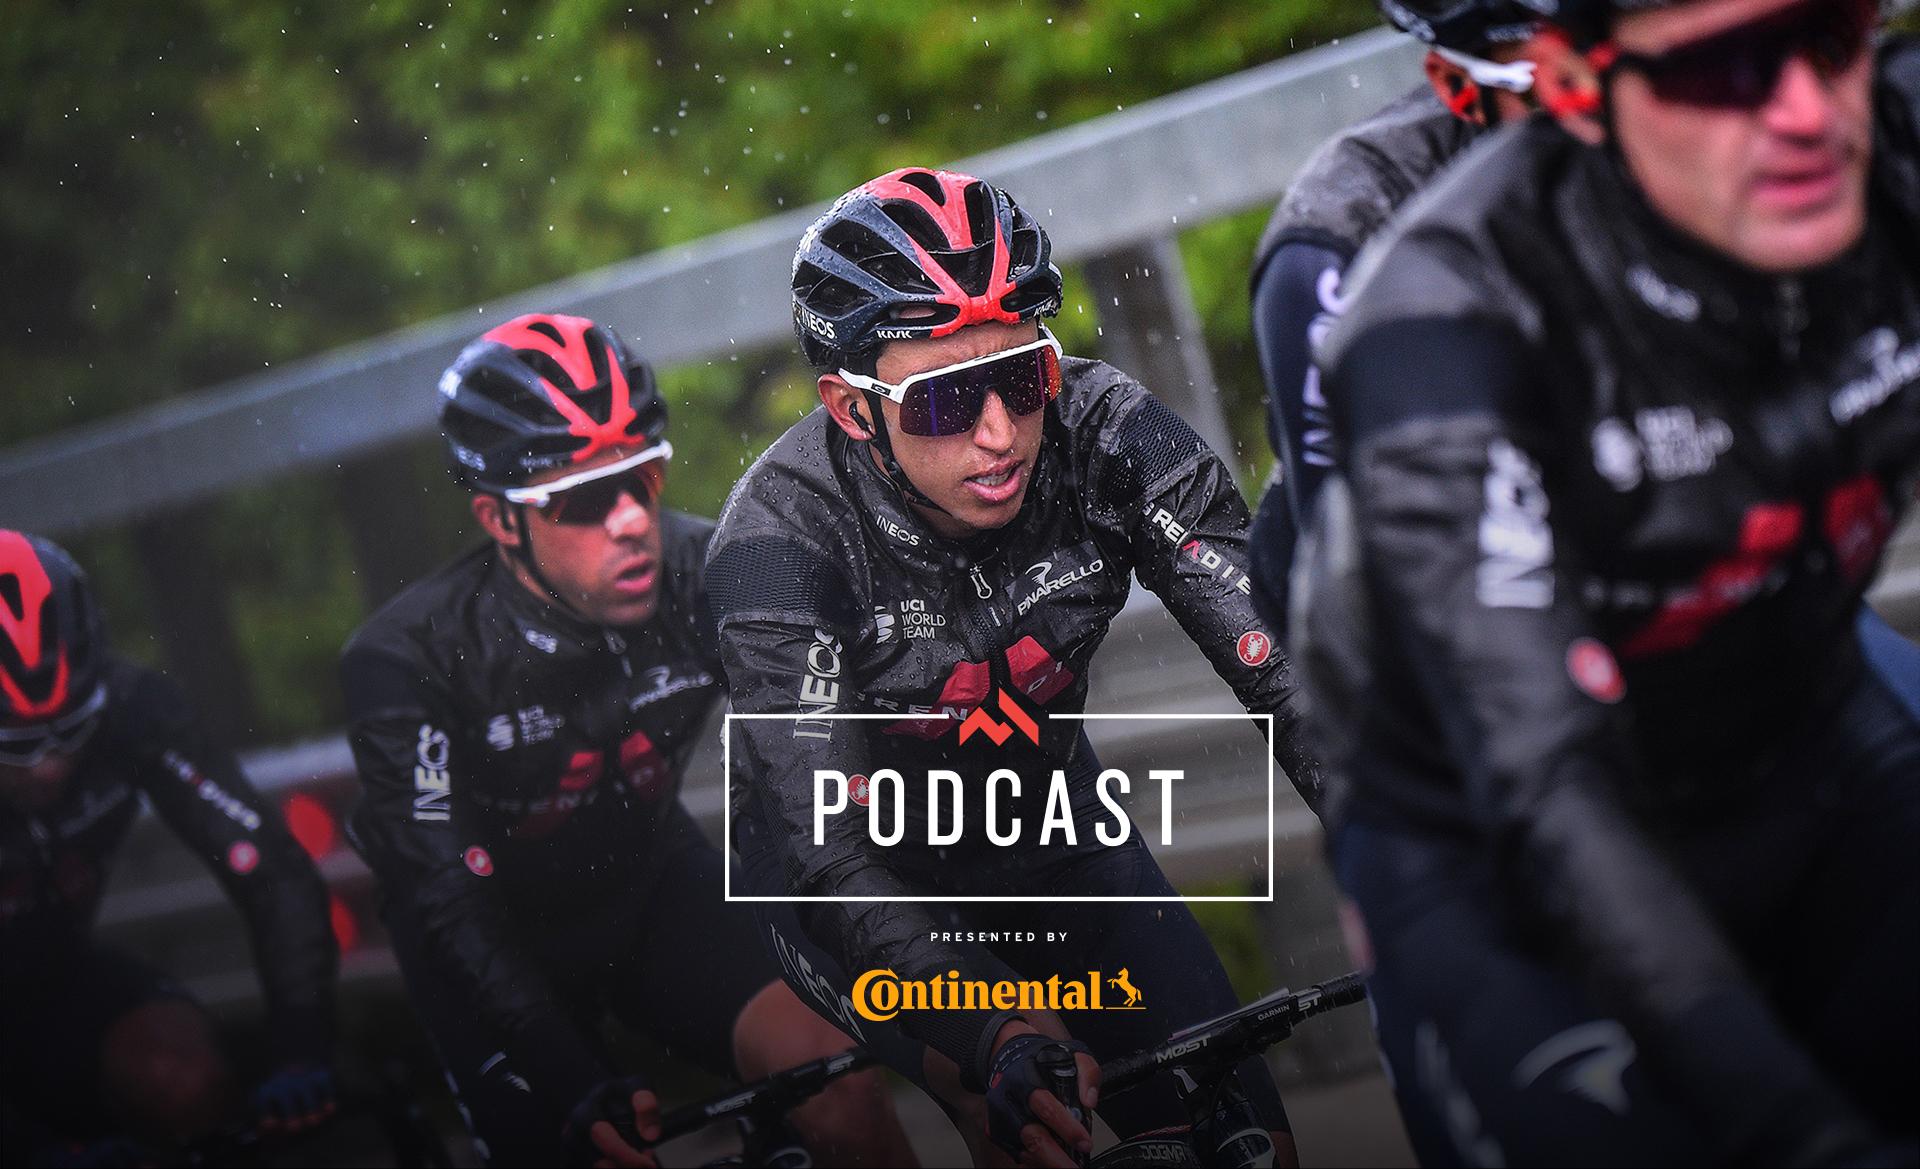 Podcast de CyclingTips: Ciccone está en aguas desconocidas – Giro d'Italia, etapa 6